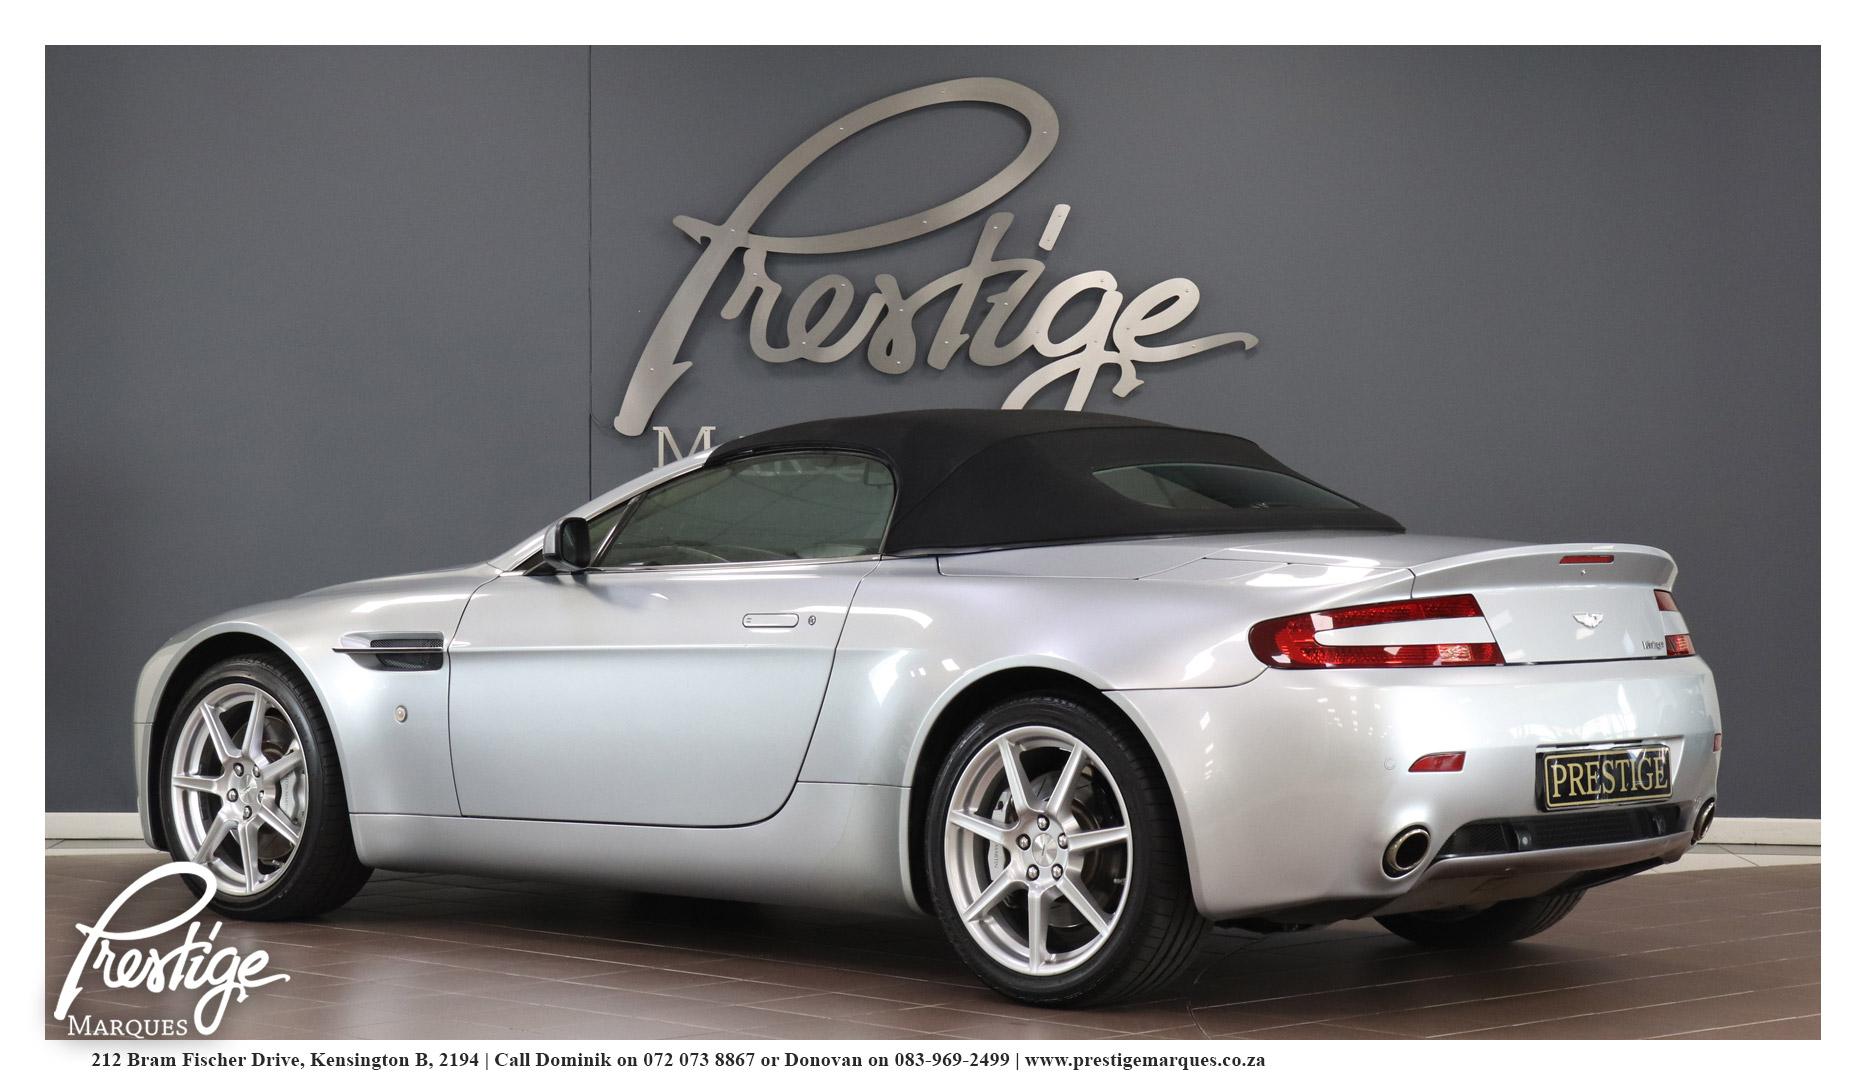 Aston-Martin-V8-Vantage-Convertible-Auto-Prestige-Marques-Sandton-10